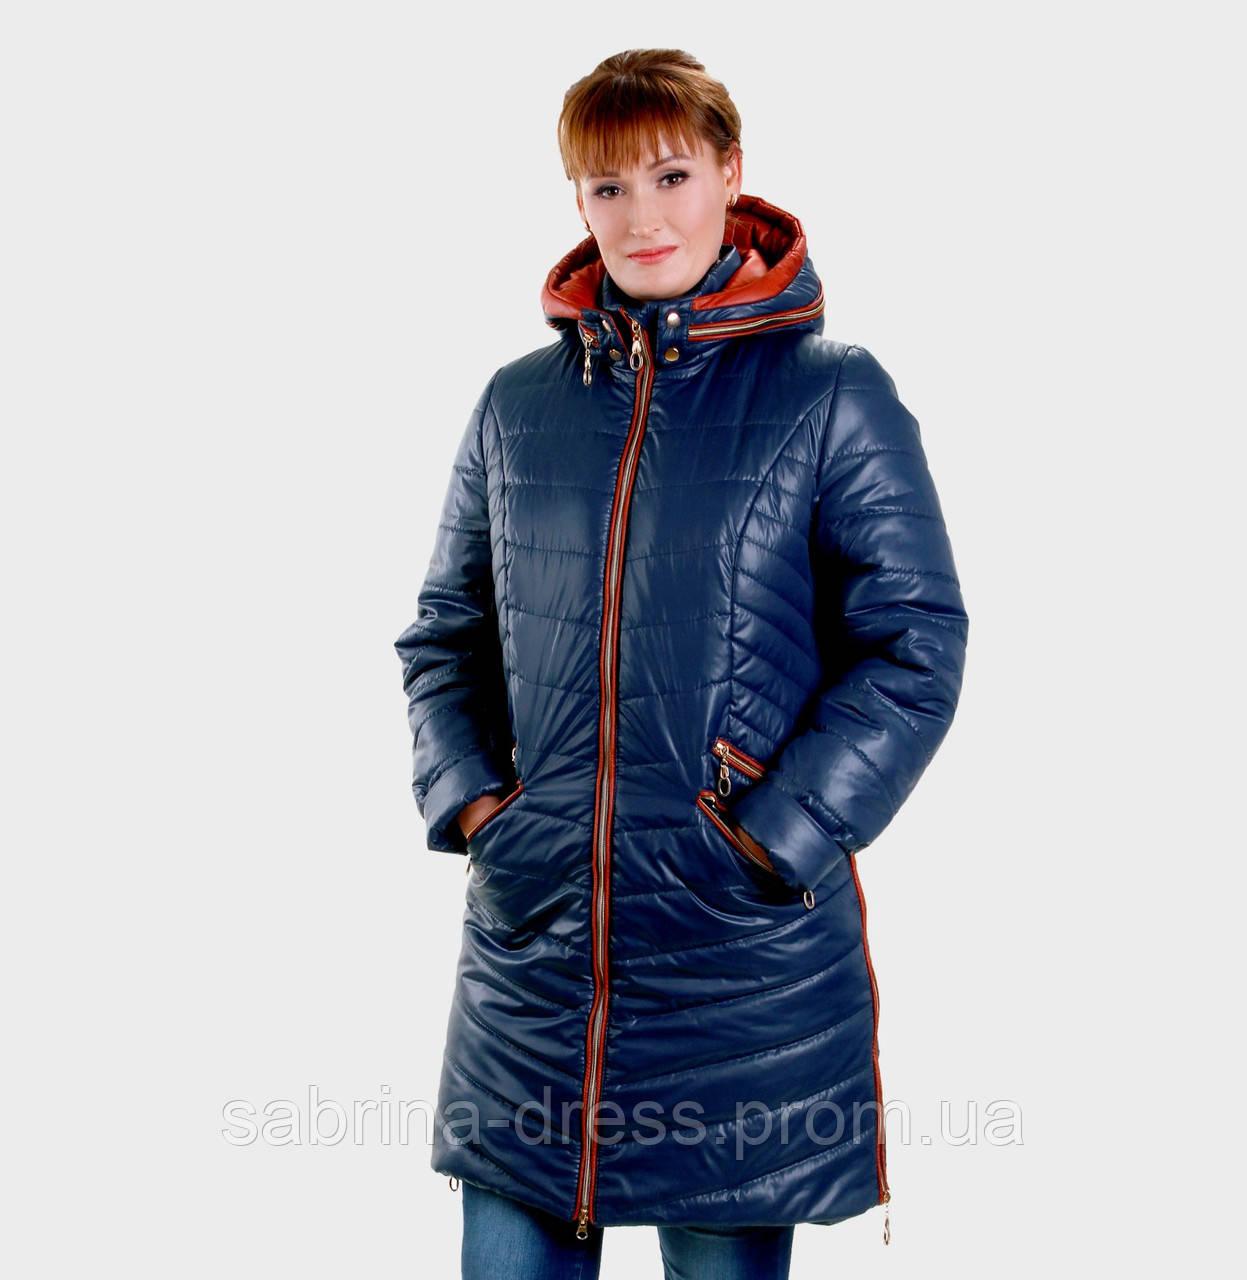 e121259978d Женская зимняя куртка. Модель 26. Размеры 48-58 - sabrina-dress в